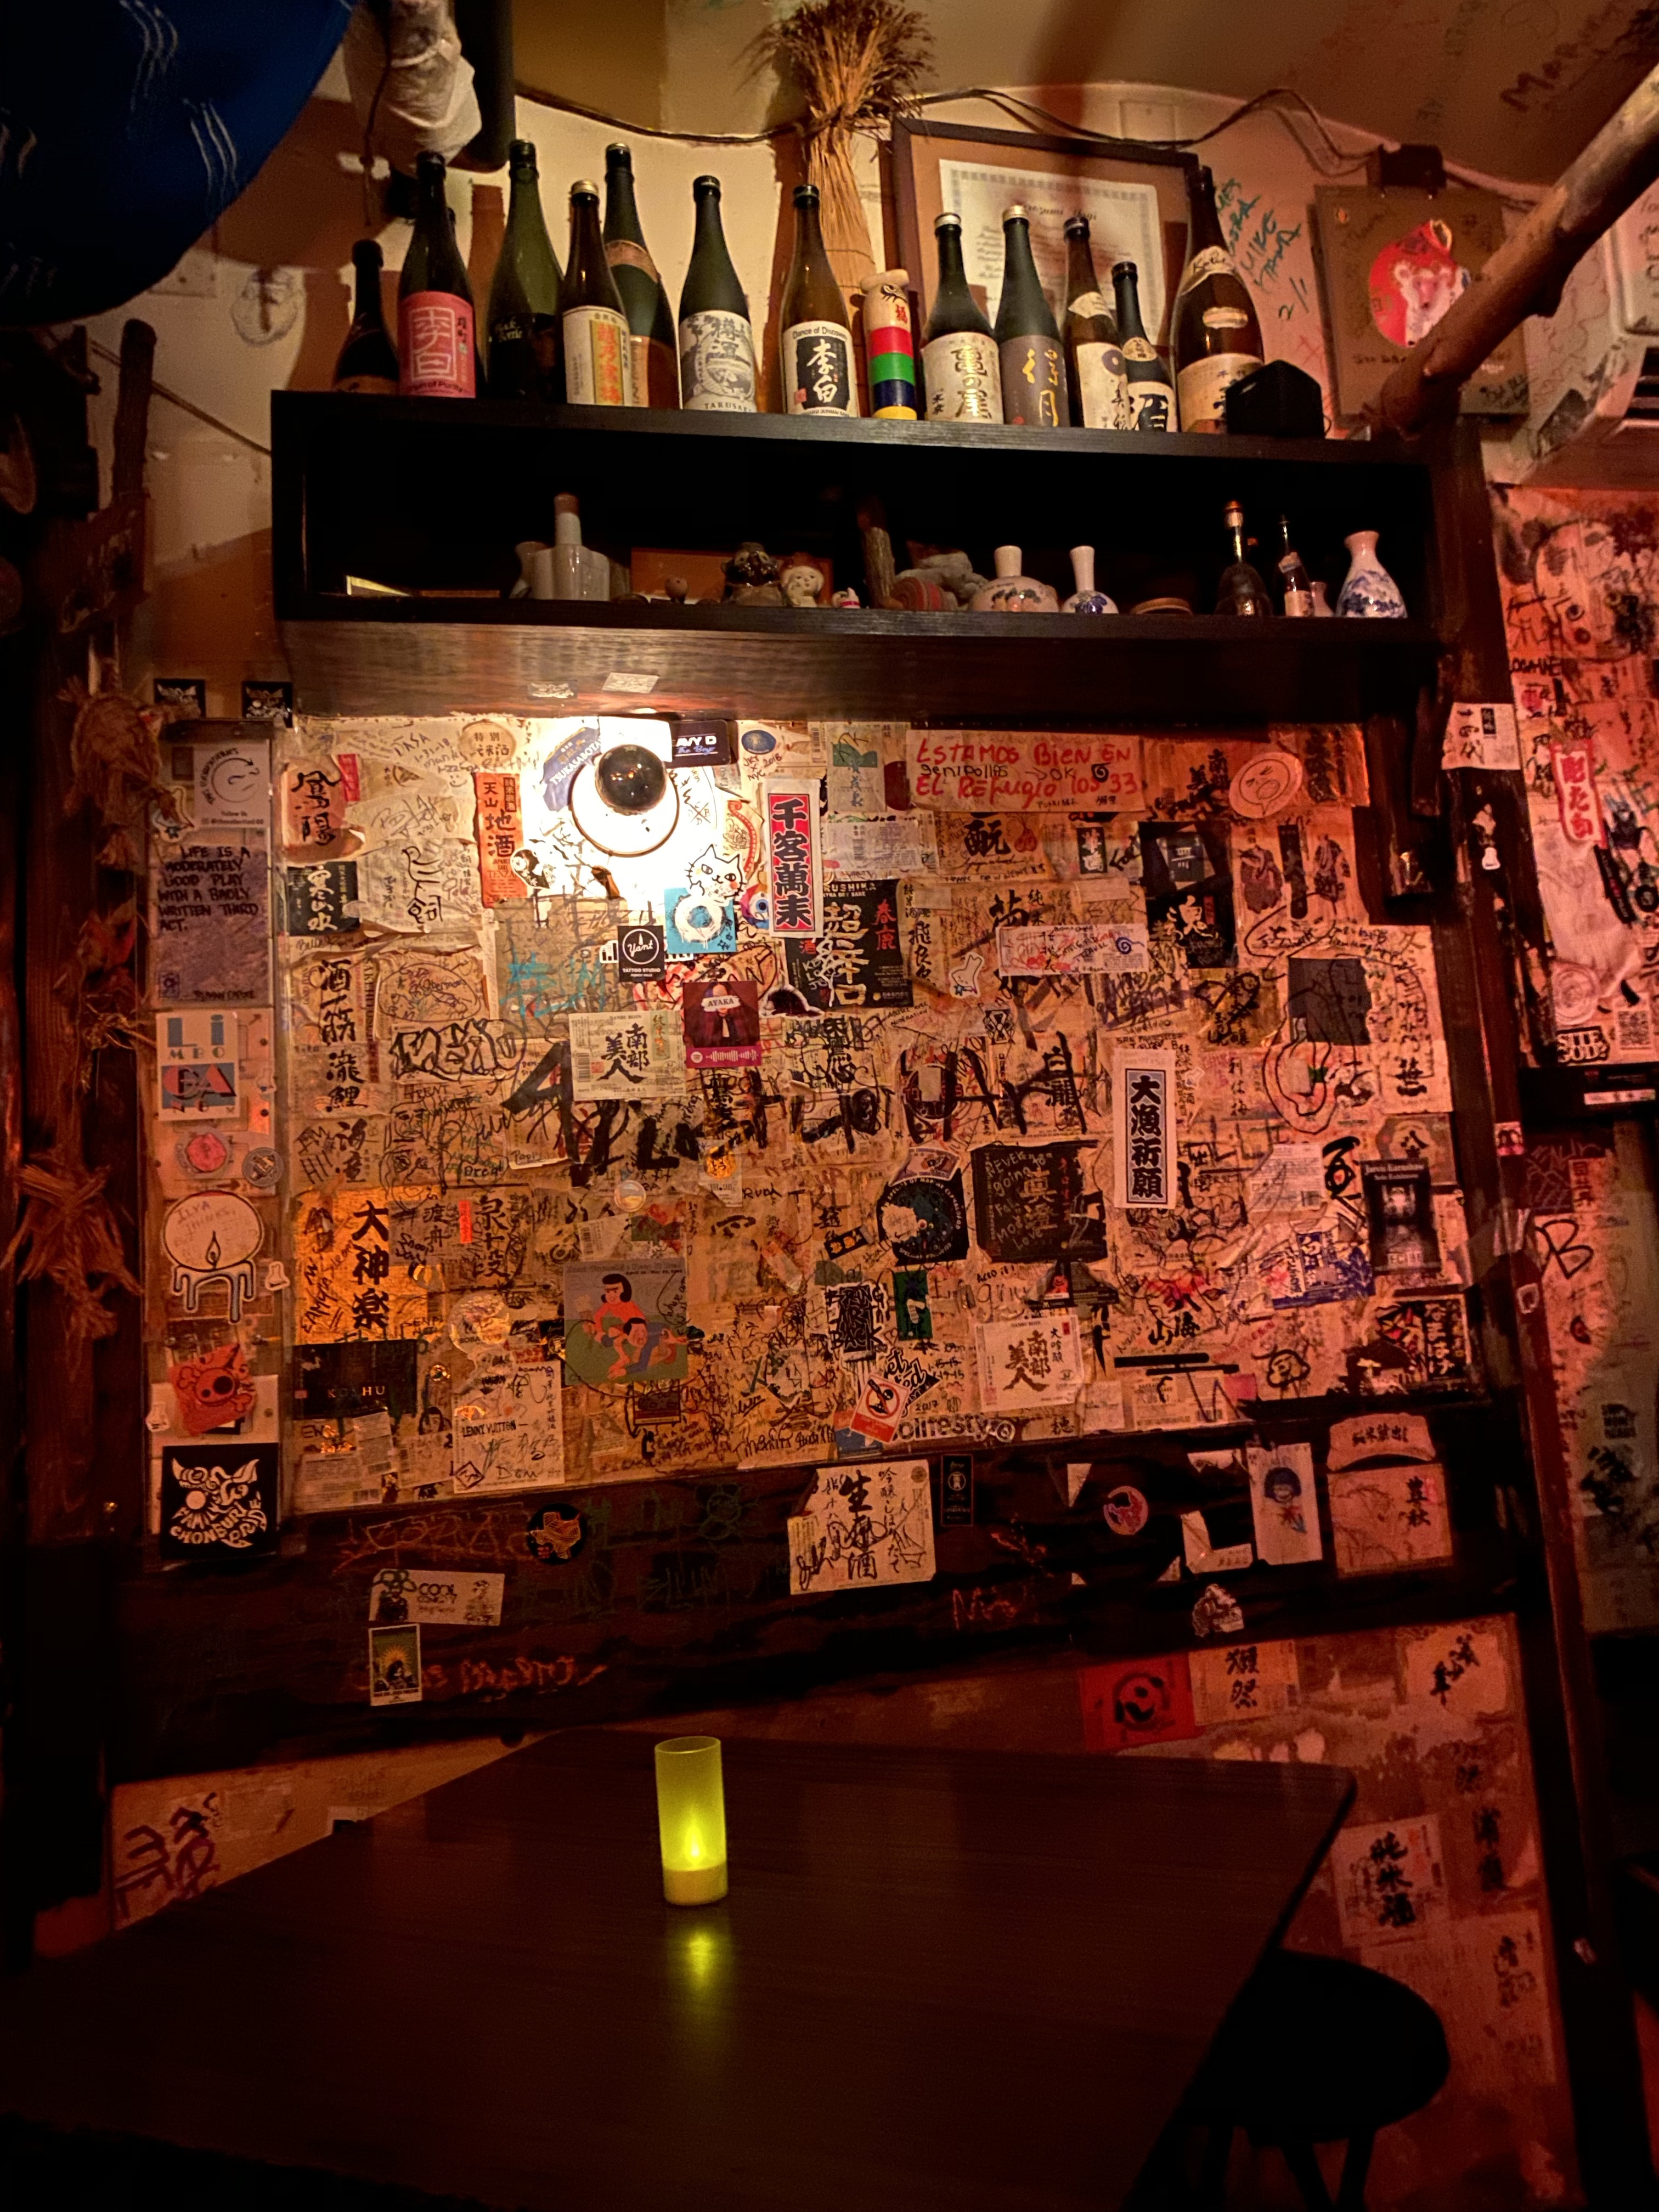 Sake Display at Sake Bar Decibel